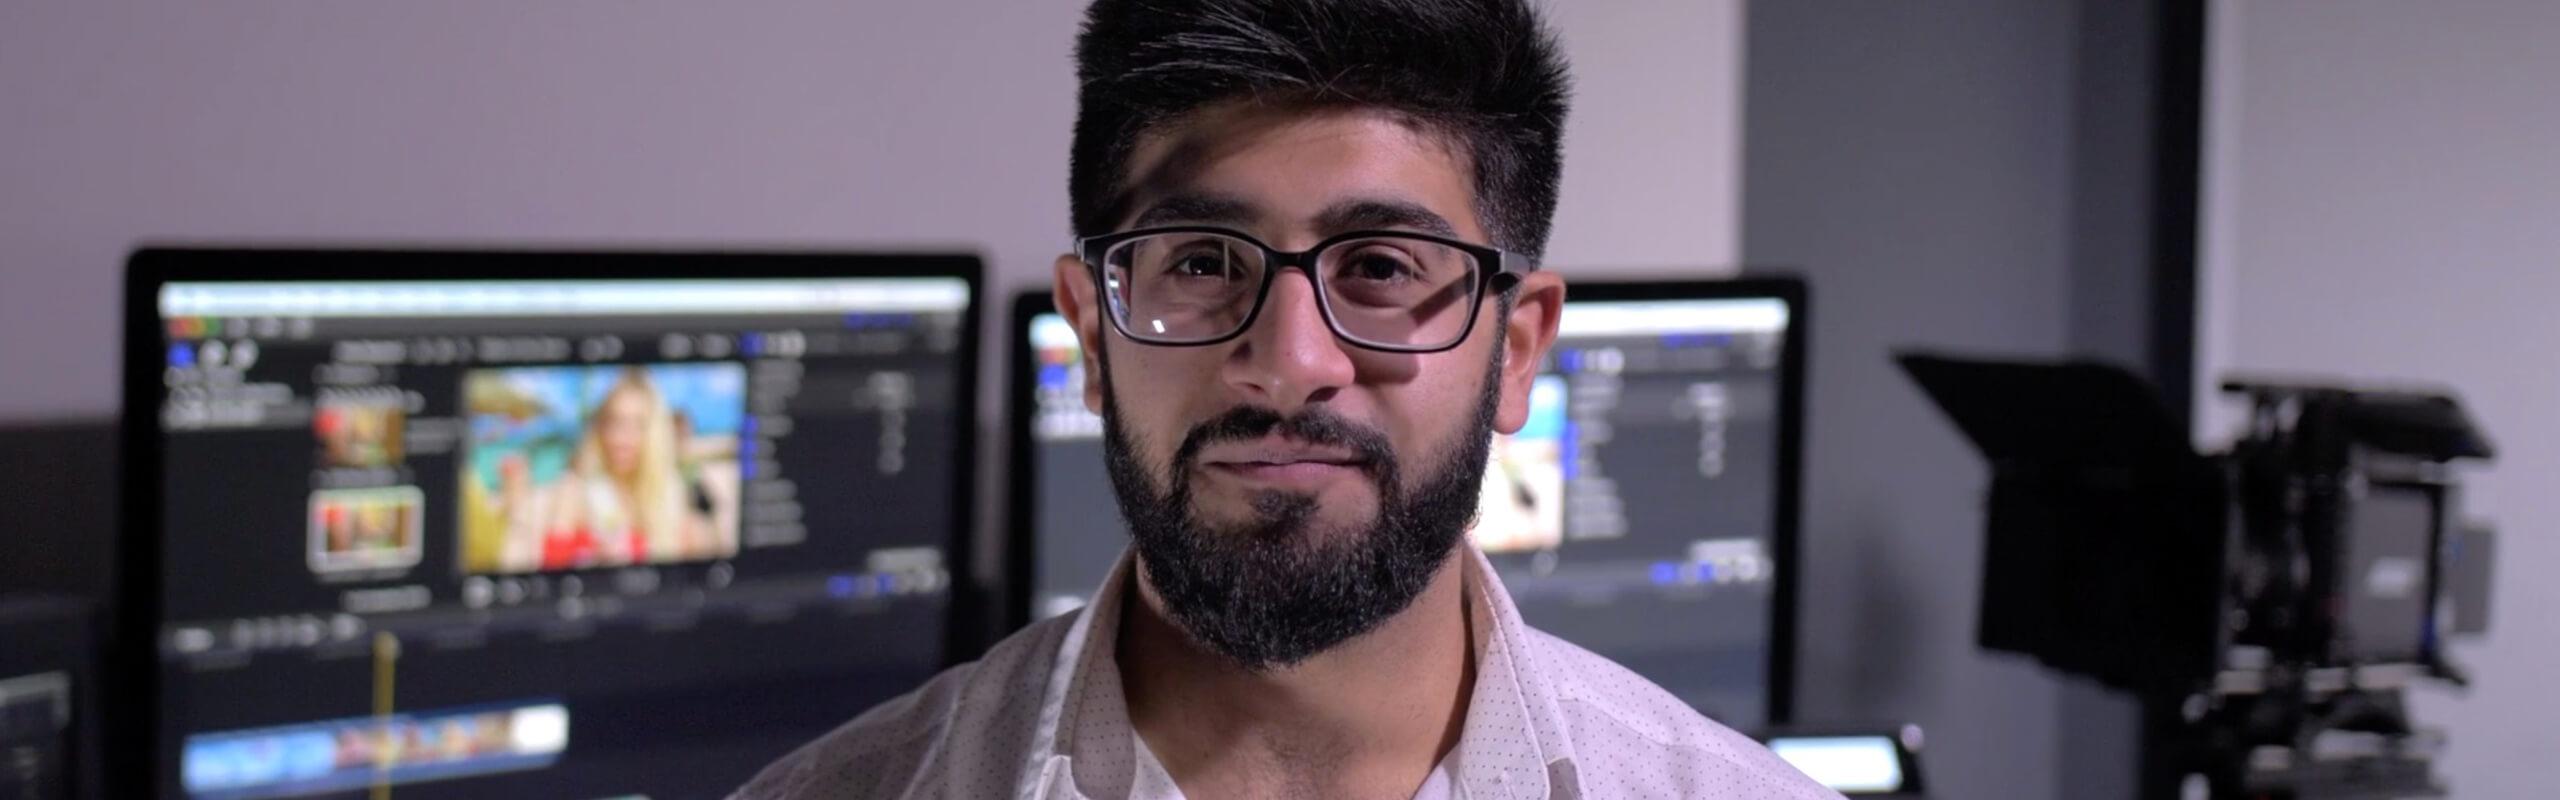 Omar Soomro in a film editing suite